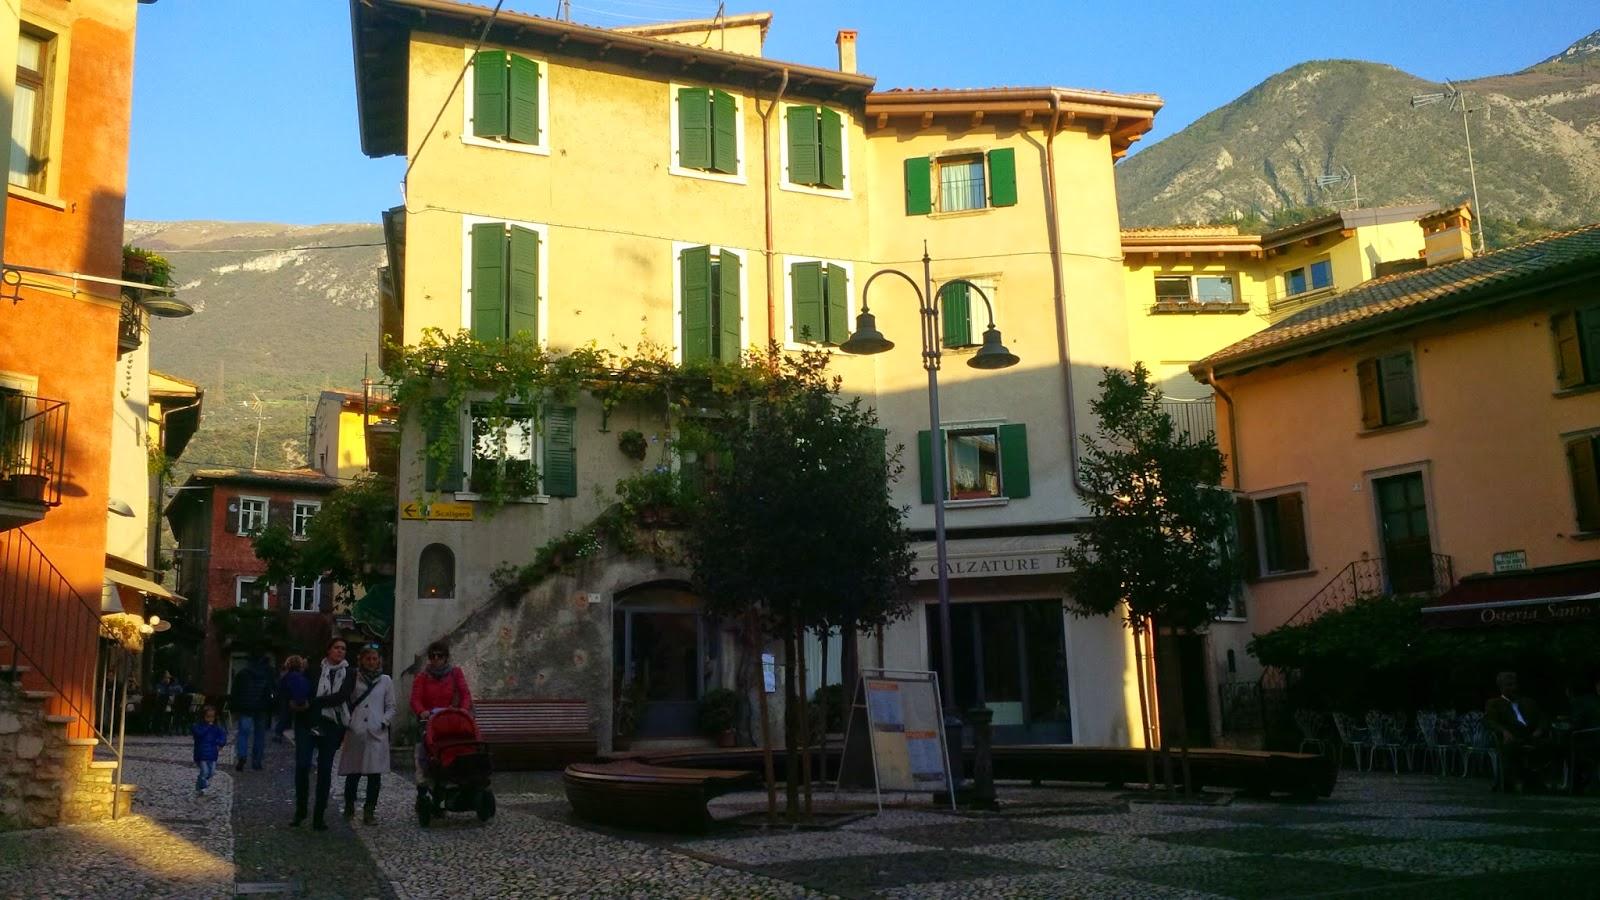 Evening passegiata in Malcesine